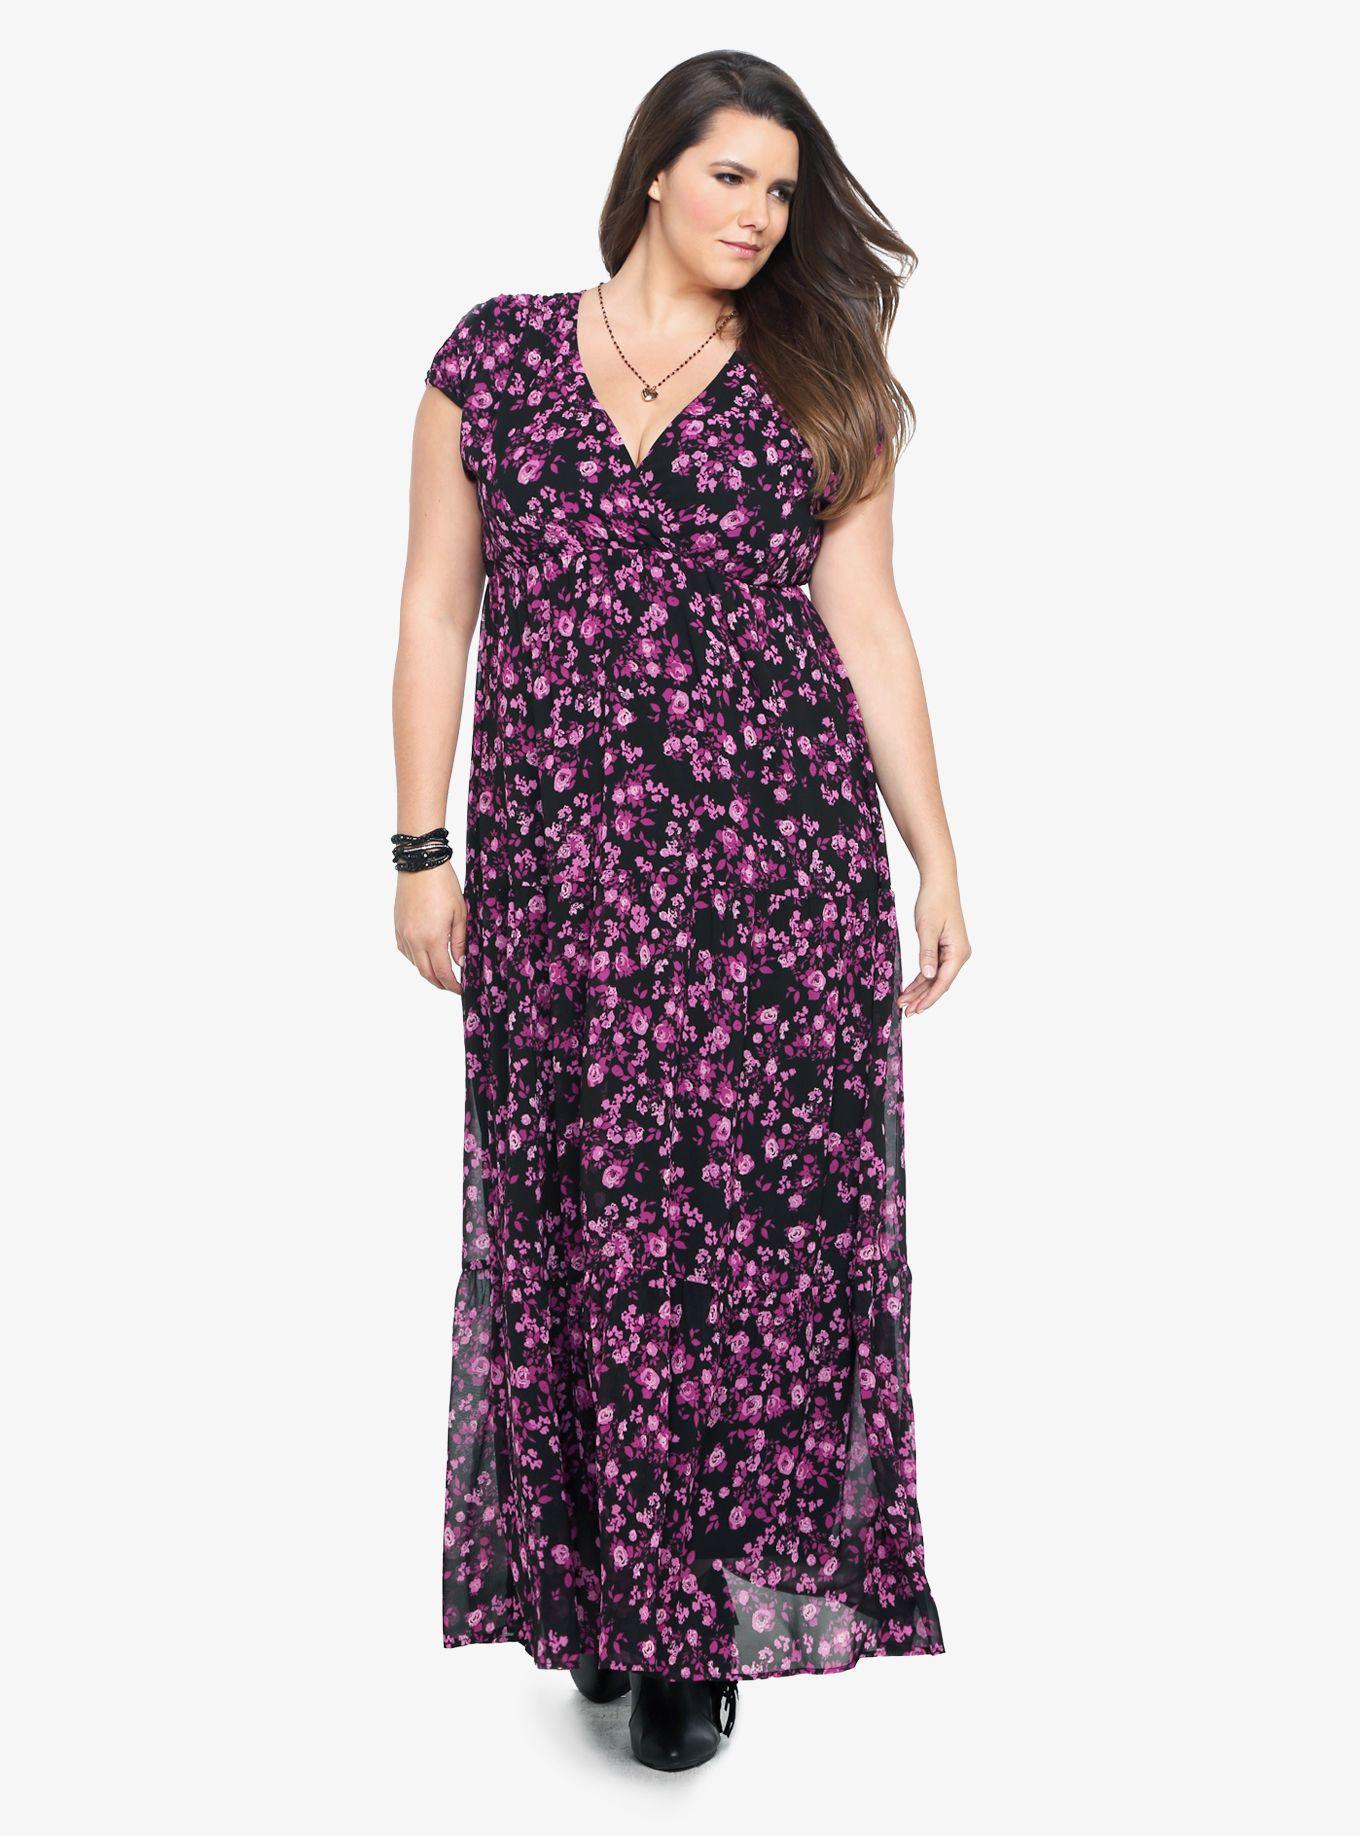 5e79e401323 Torrid.com - The Destination for Trendy Plus-size Fashion and Accessories